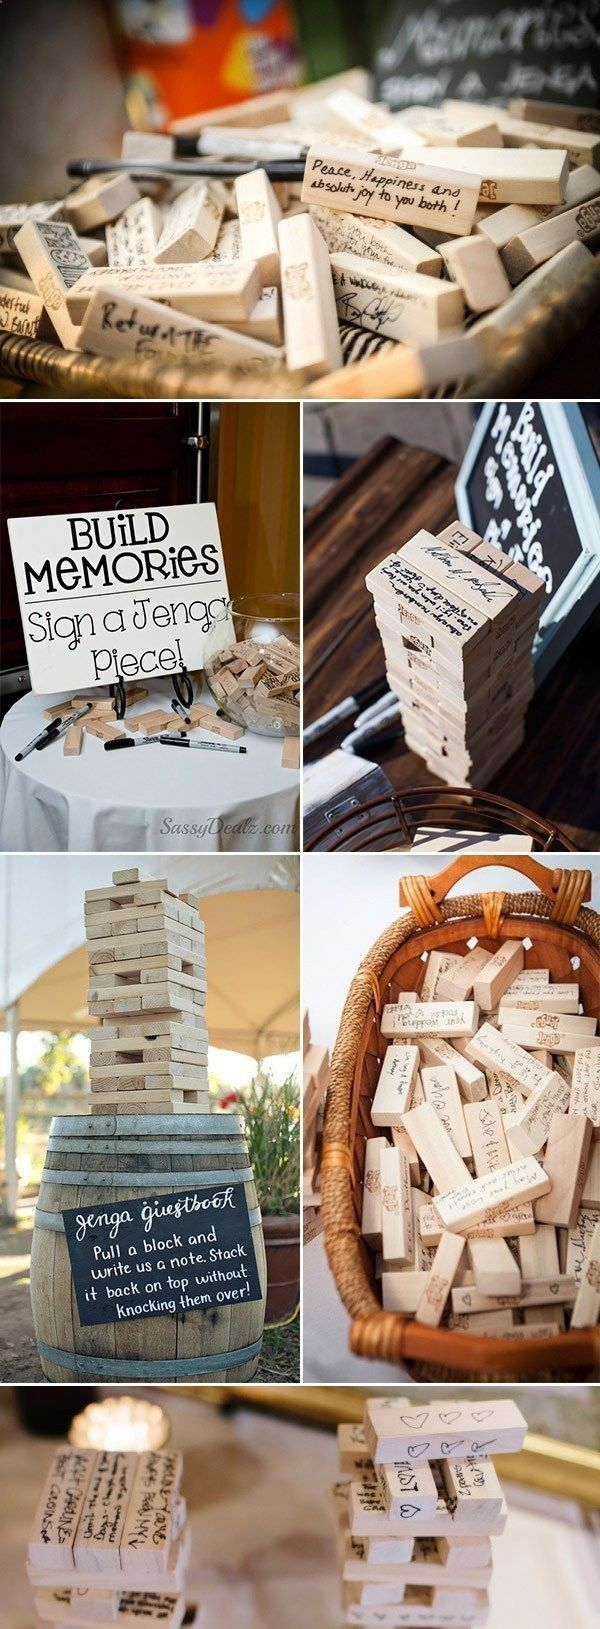 44 Einzigartiges Hochzeits-Gästebuch, das du machen kannst – #Gästebuch #Einzigartig #Hochzeit